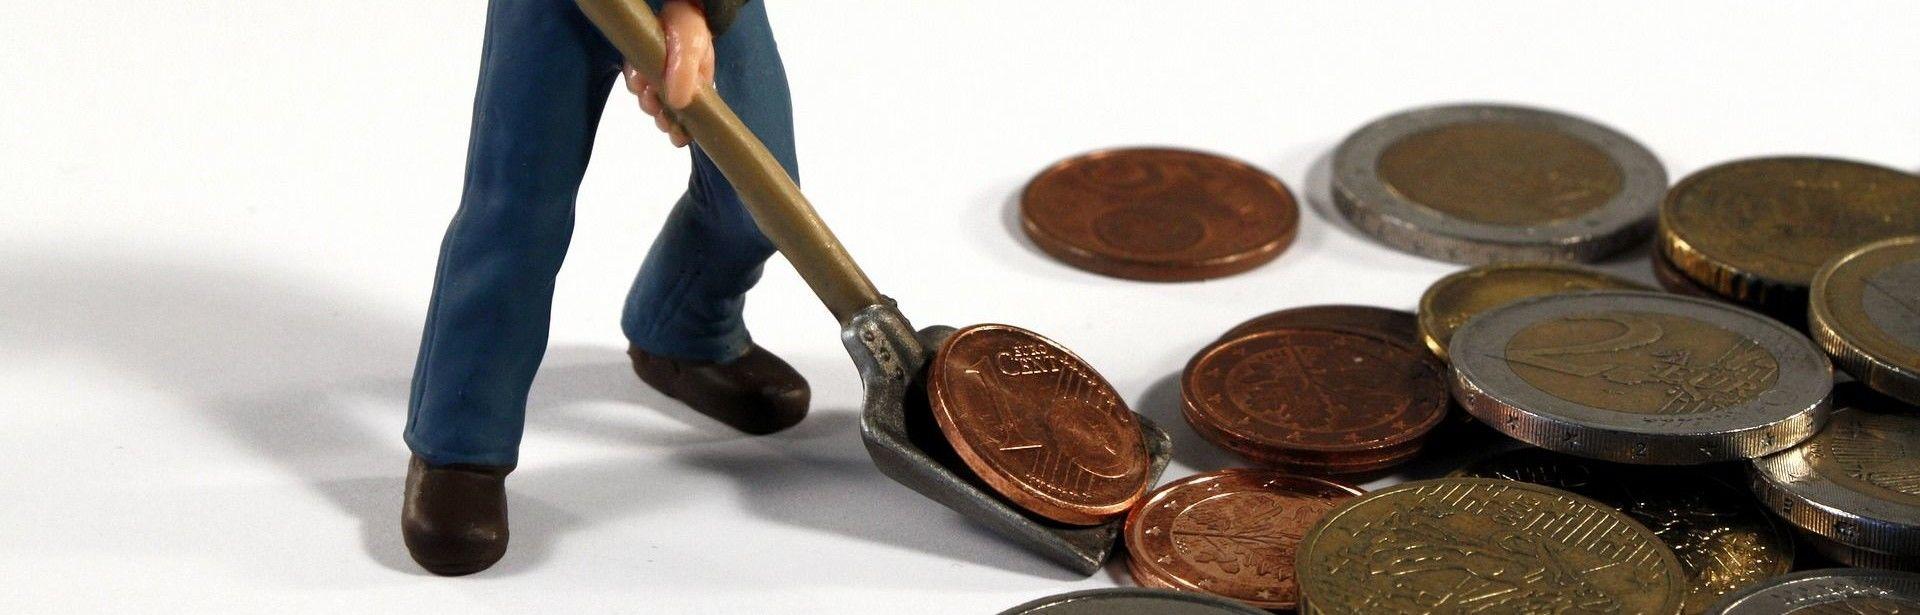 Respekt-Rente für Geringverdiener sinnvoll?